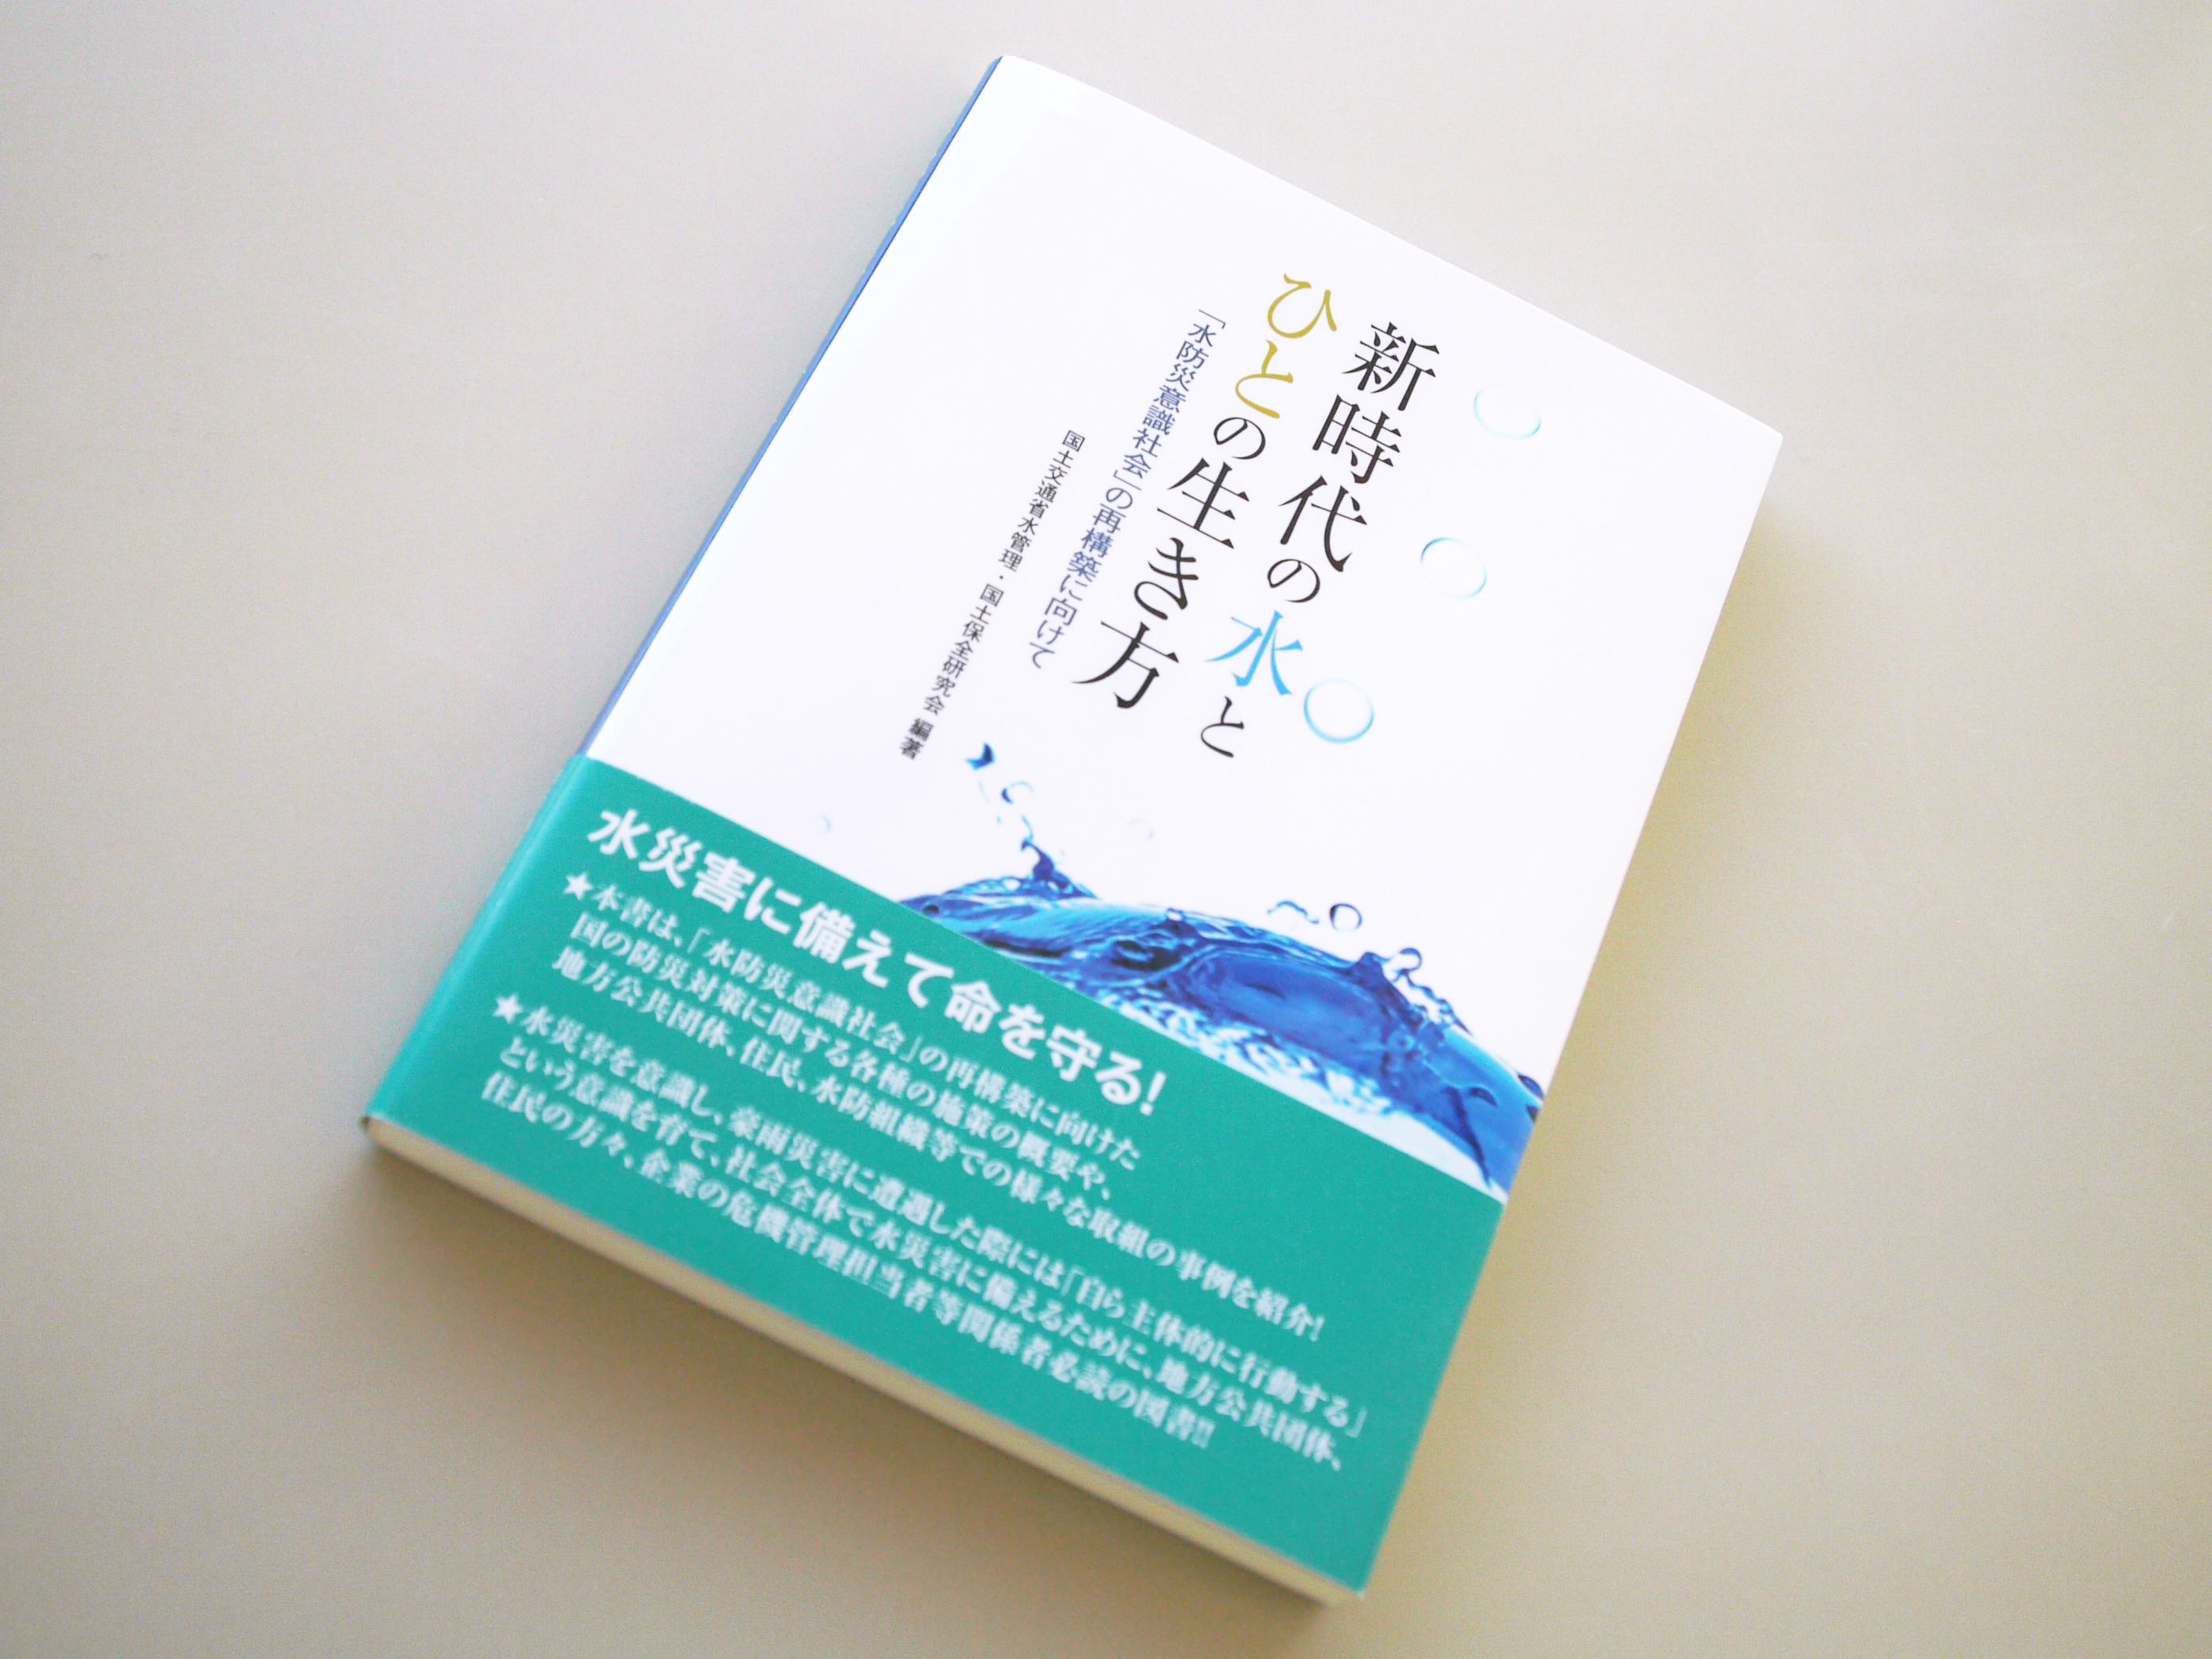 新時代の水とひとの生き方(大成出版社)